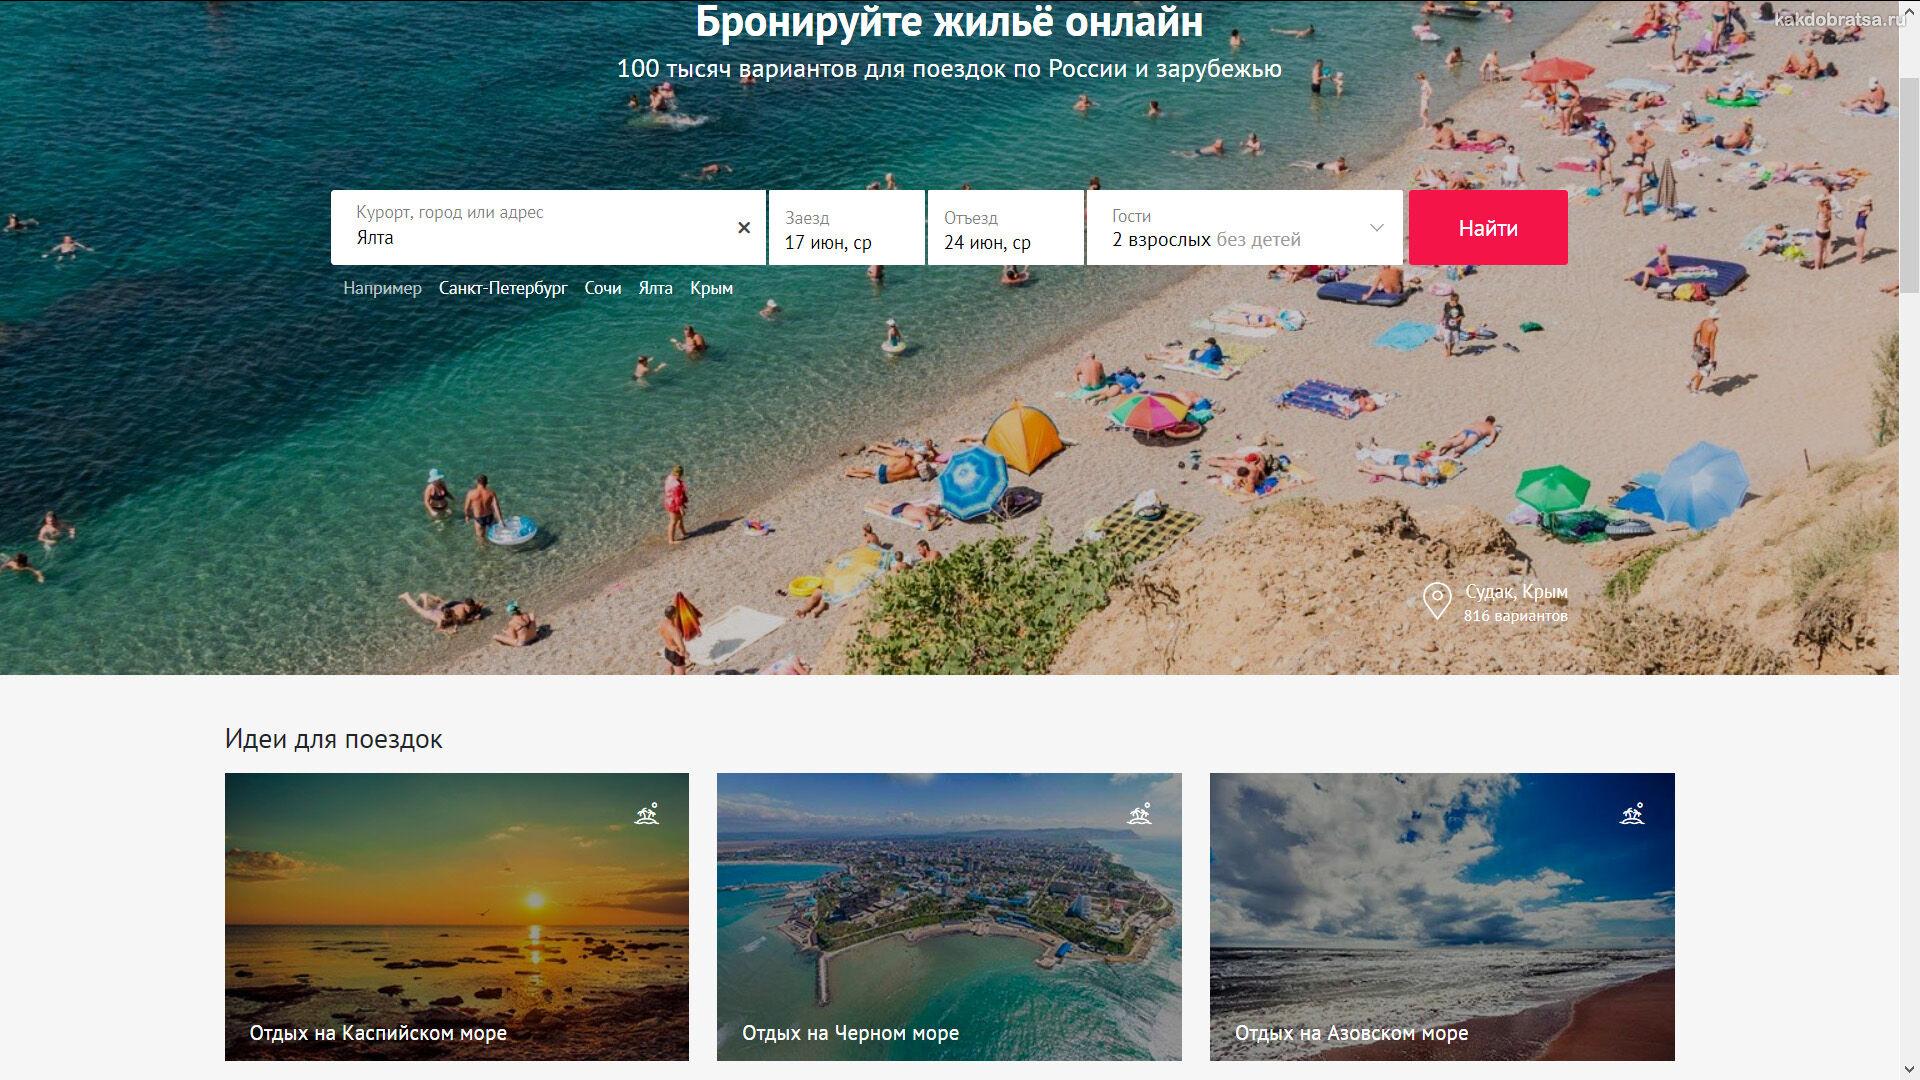 Как забронировать номер в отеле или квартире на веб-сайте Sutochno.ru в Крыму шаг 1